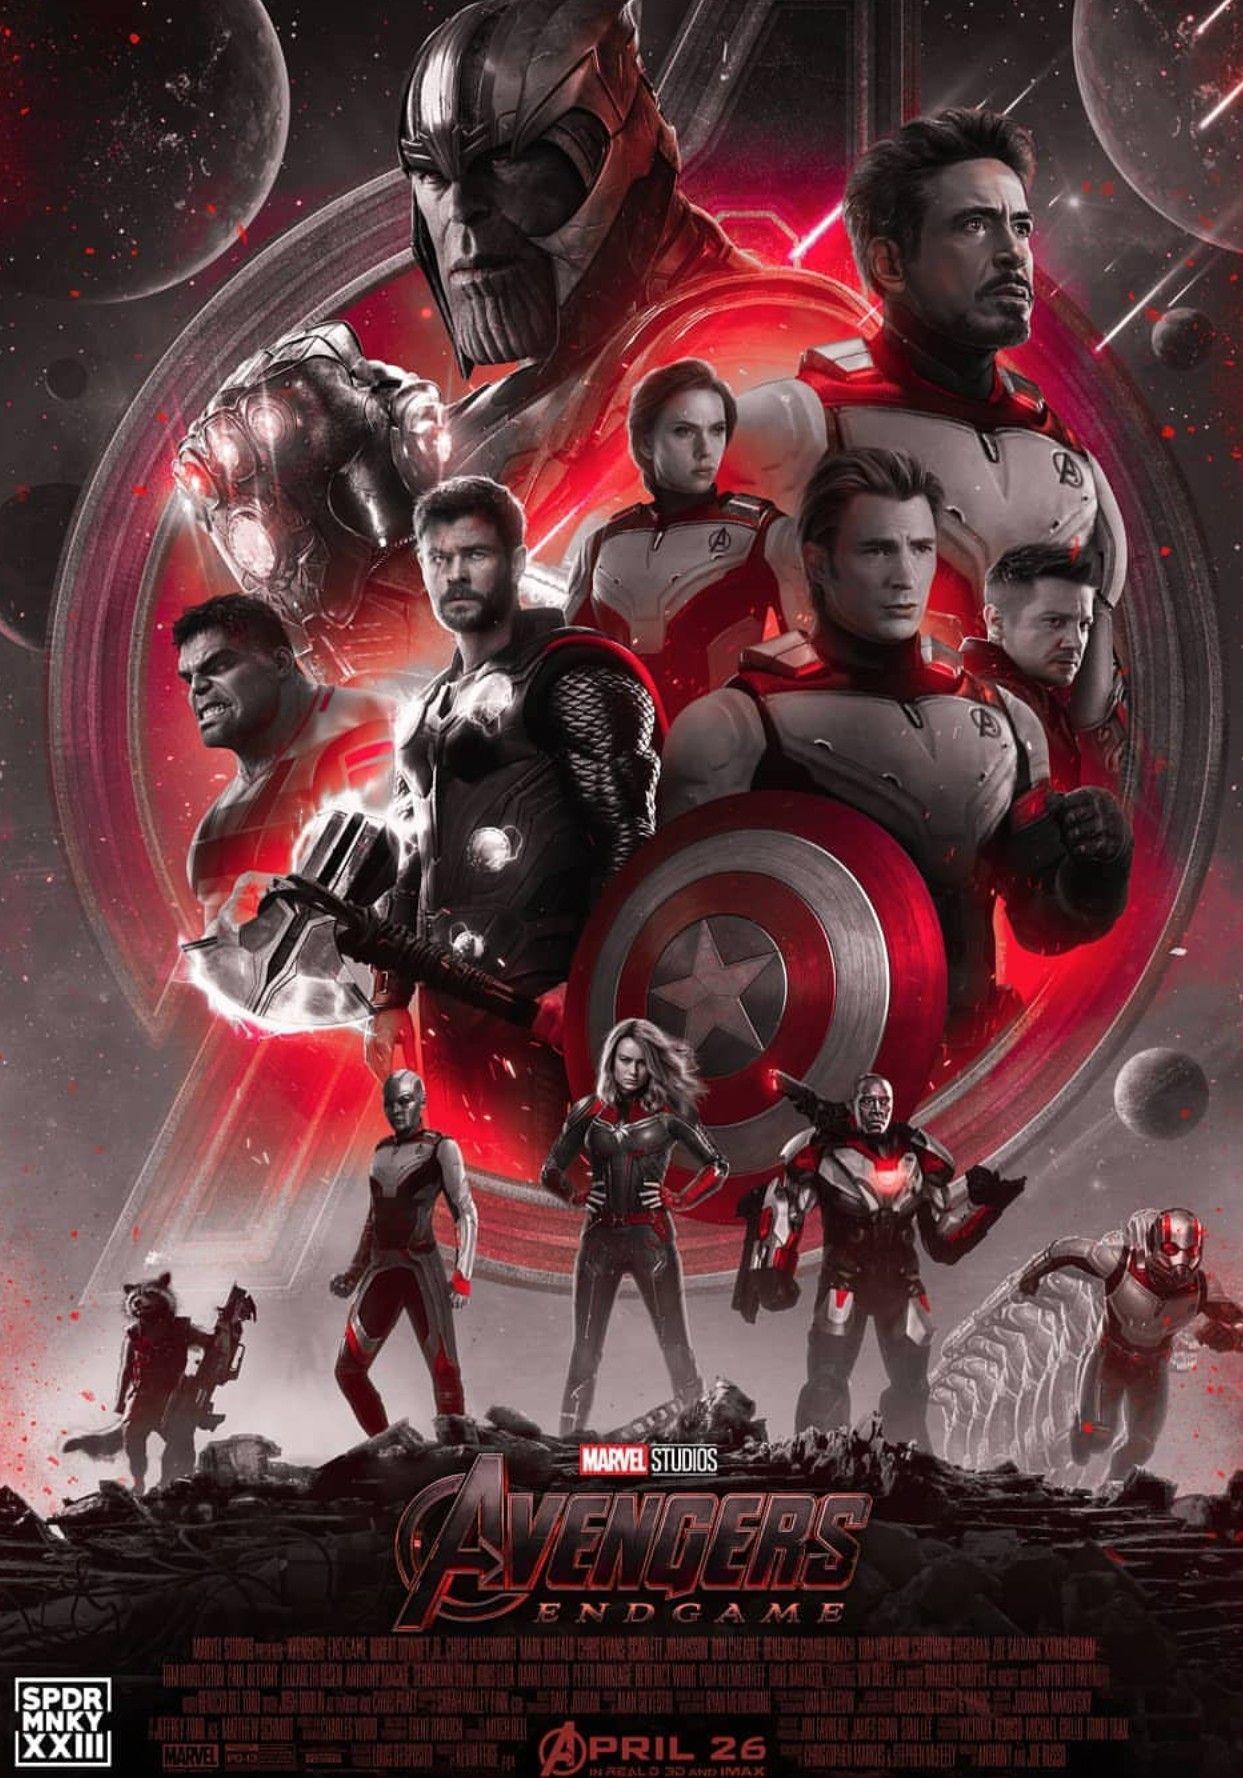 Pin De Nicolas Jimenez Galindo En Lo Que Me Gusta Arte De Marvel Magníficos Héroes Marvel